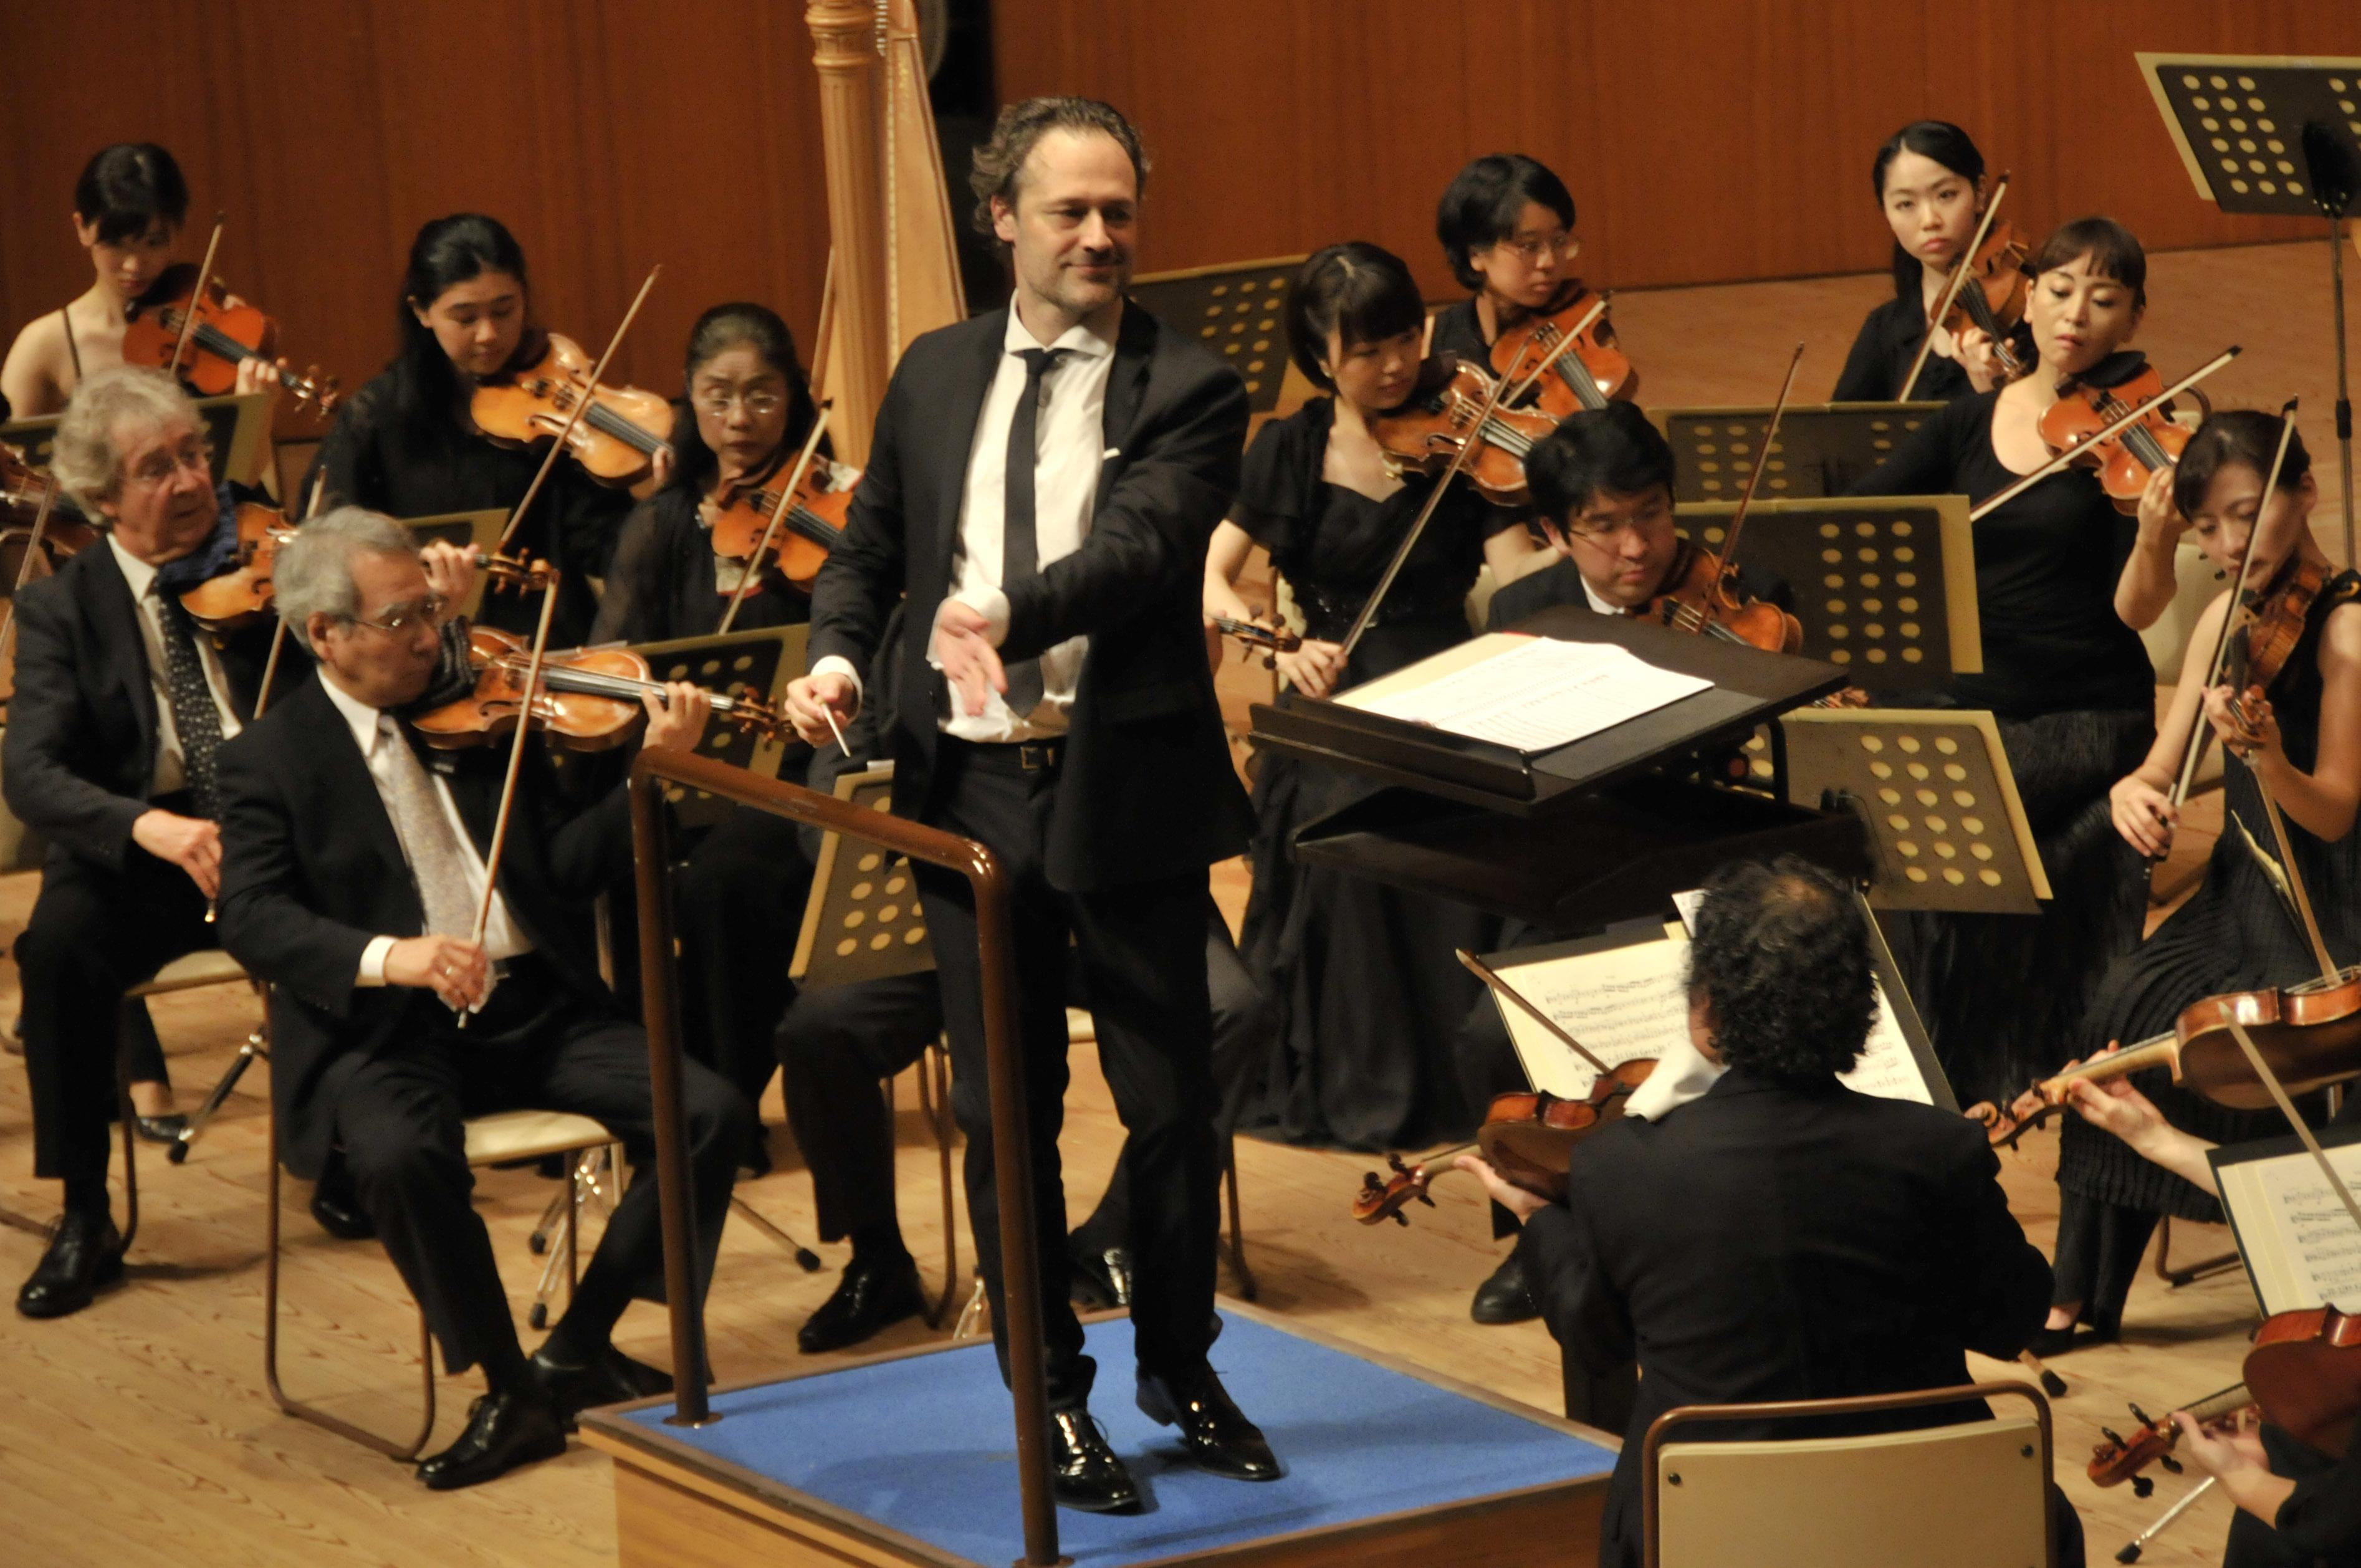 第40回霧島国際音楽祭2019 キリシマ祝祭管弦楽団公演